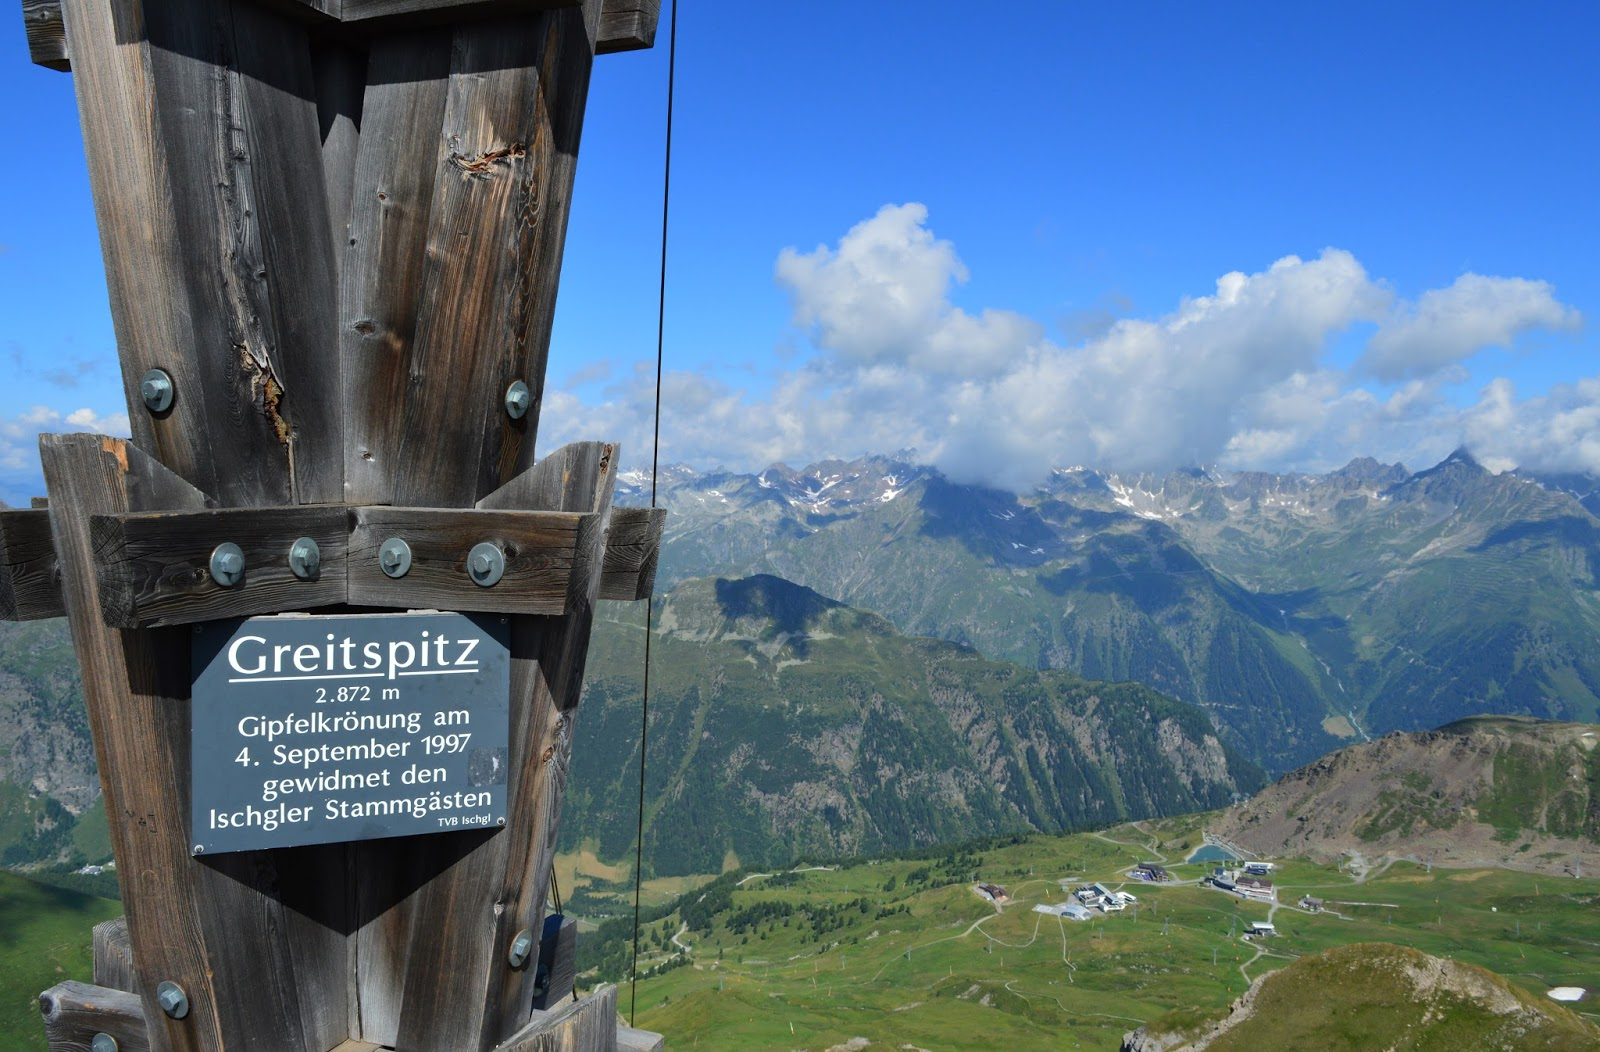 Alpy Tyrol Greitspitz